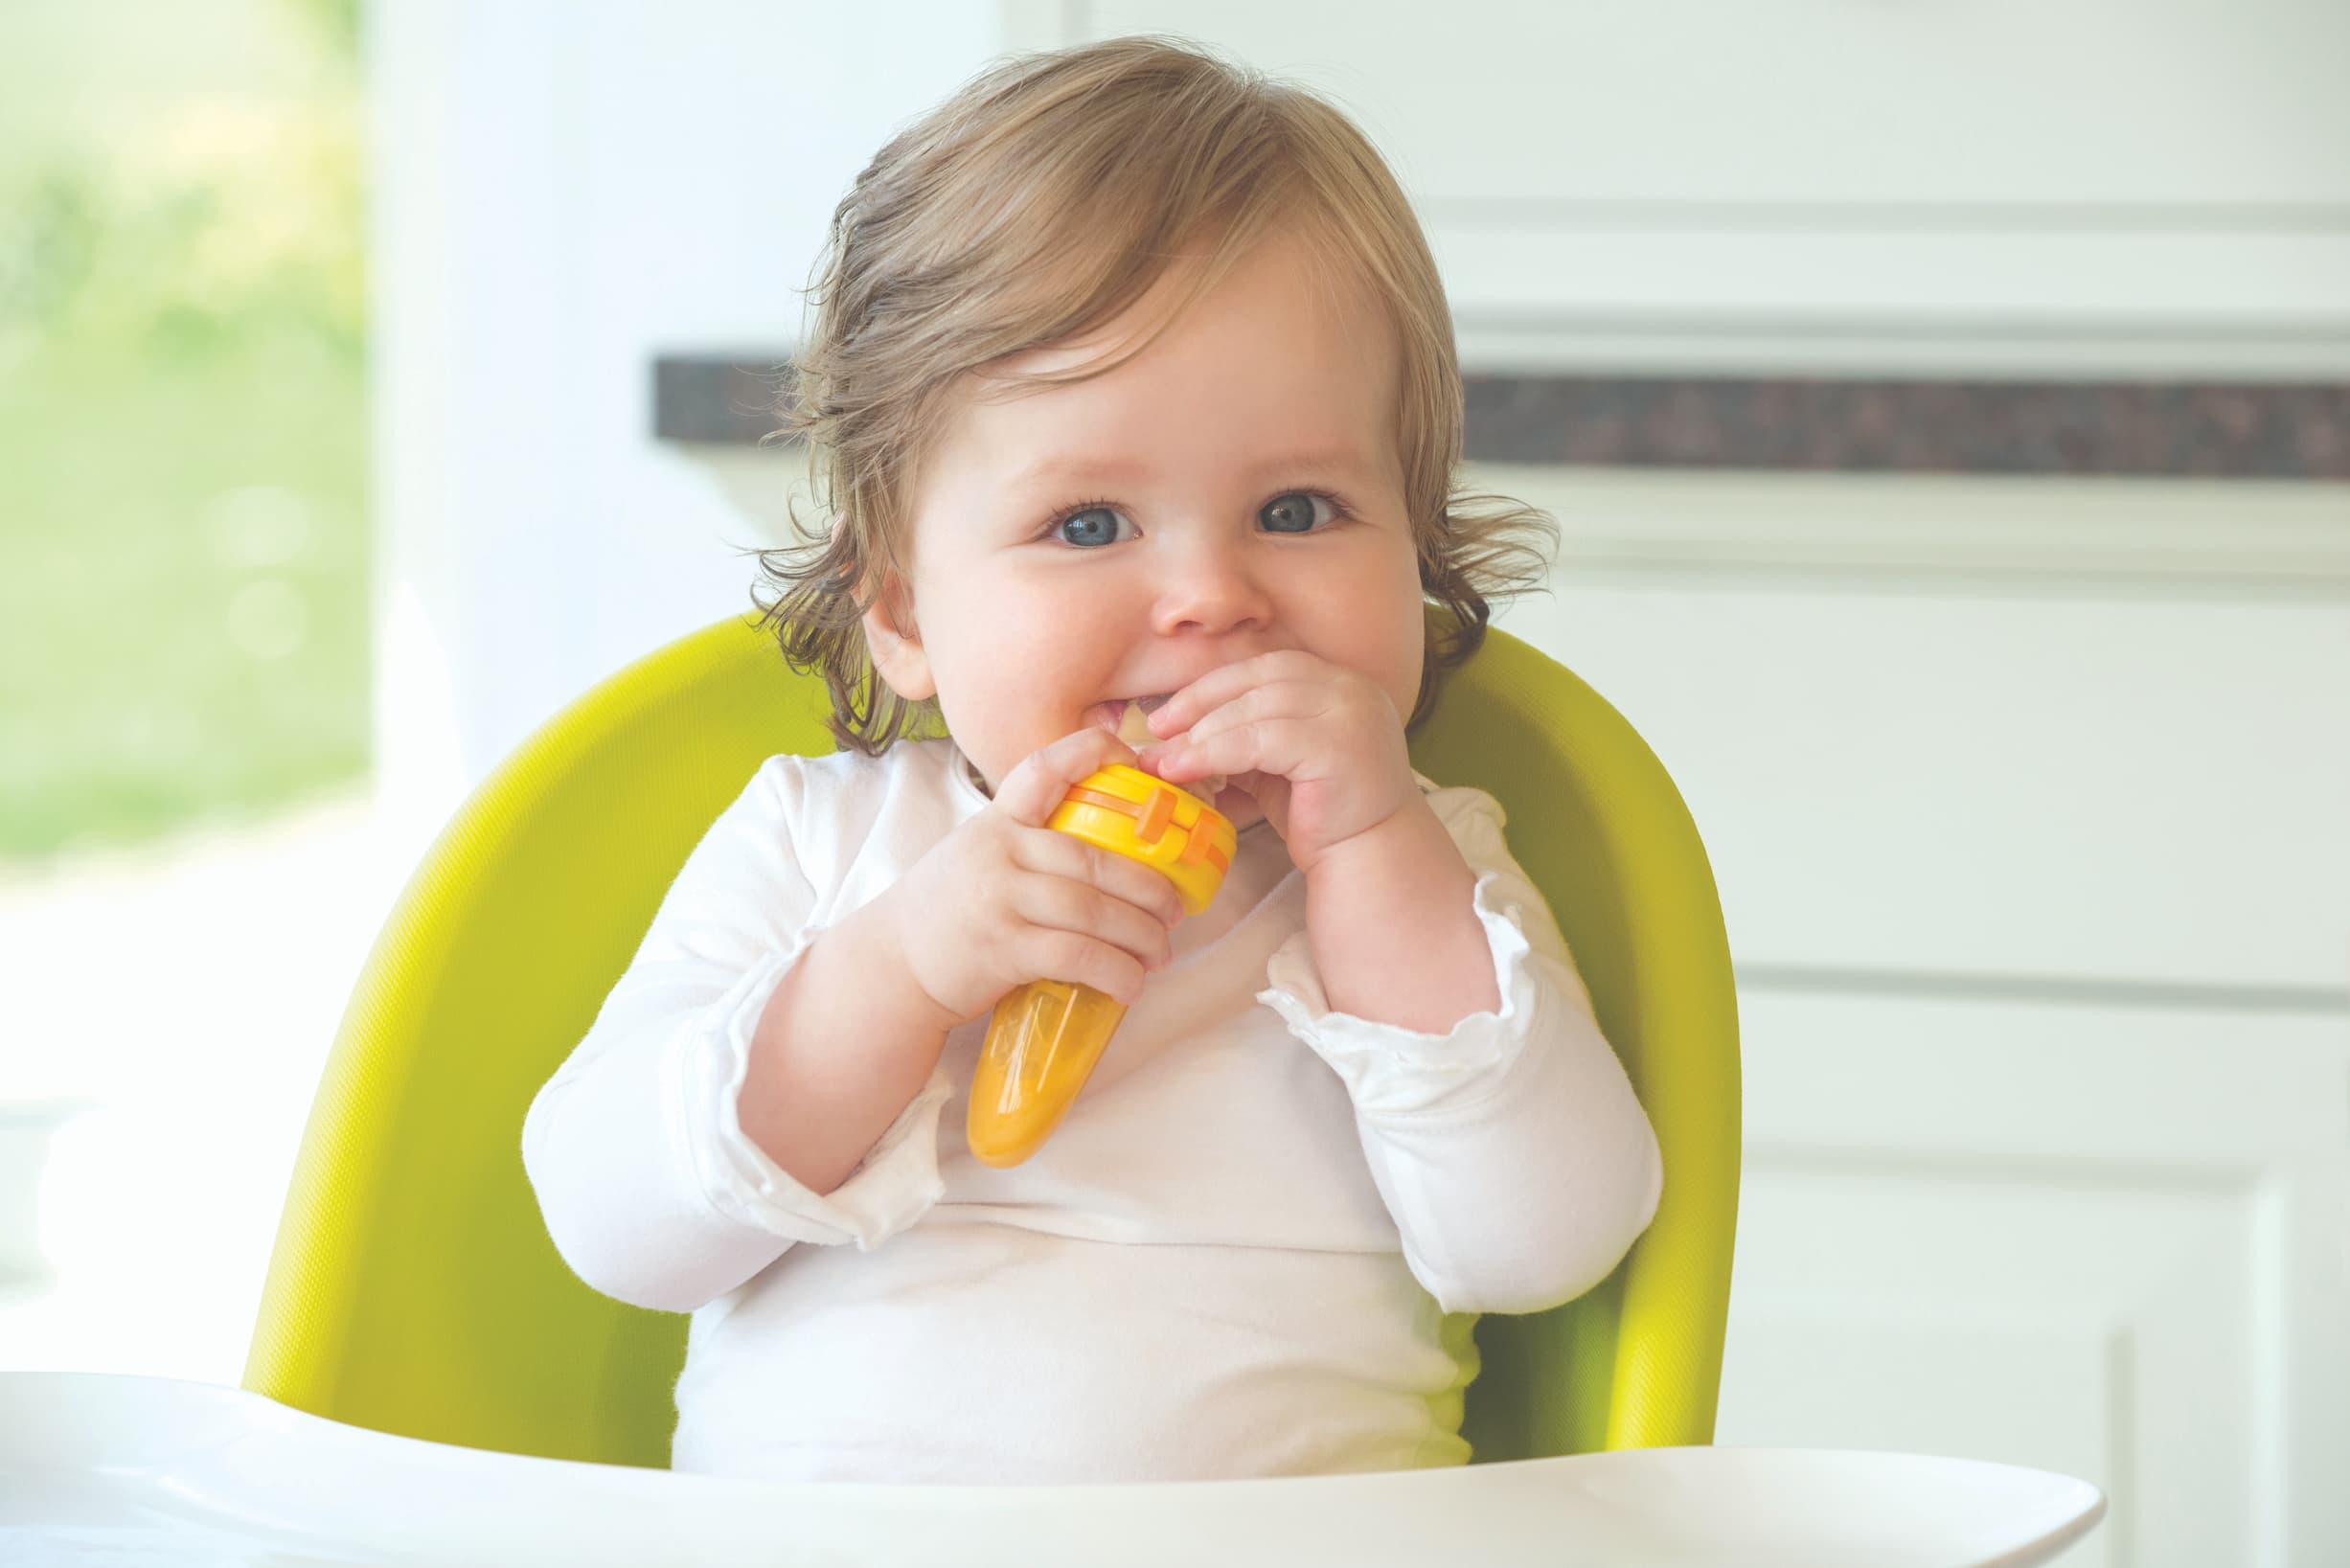 Cai sữa để ăn dặm: Cách thực hiện ở mọi lứa tuổi - Phần 2